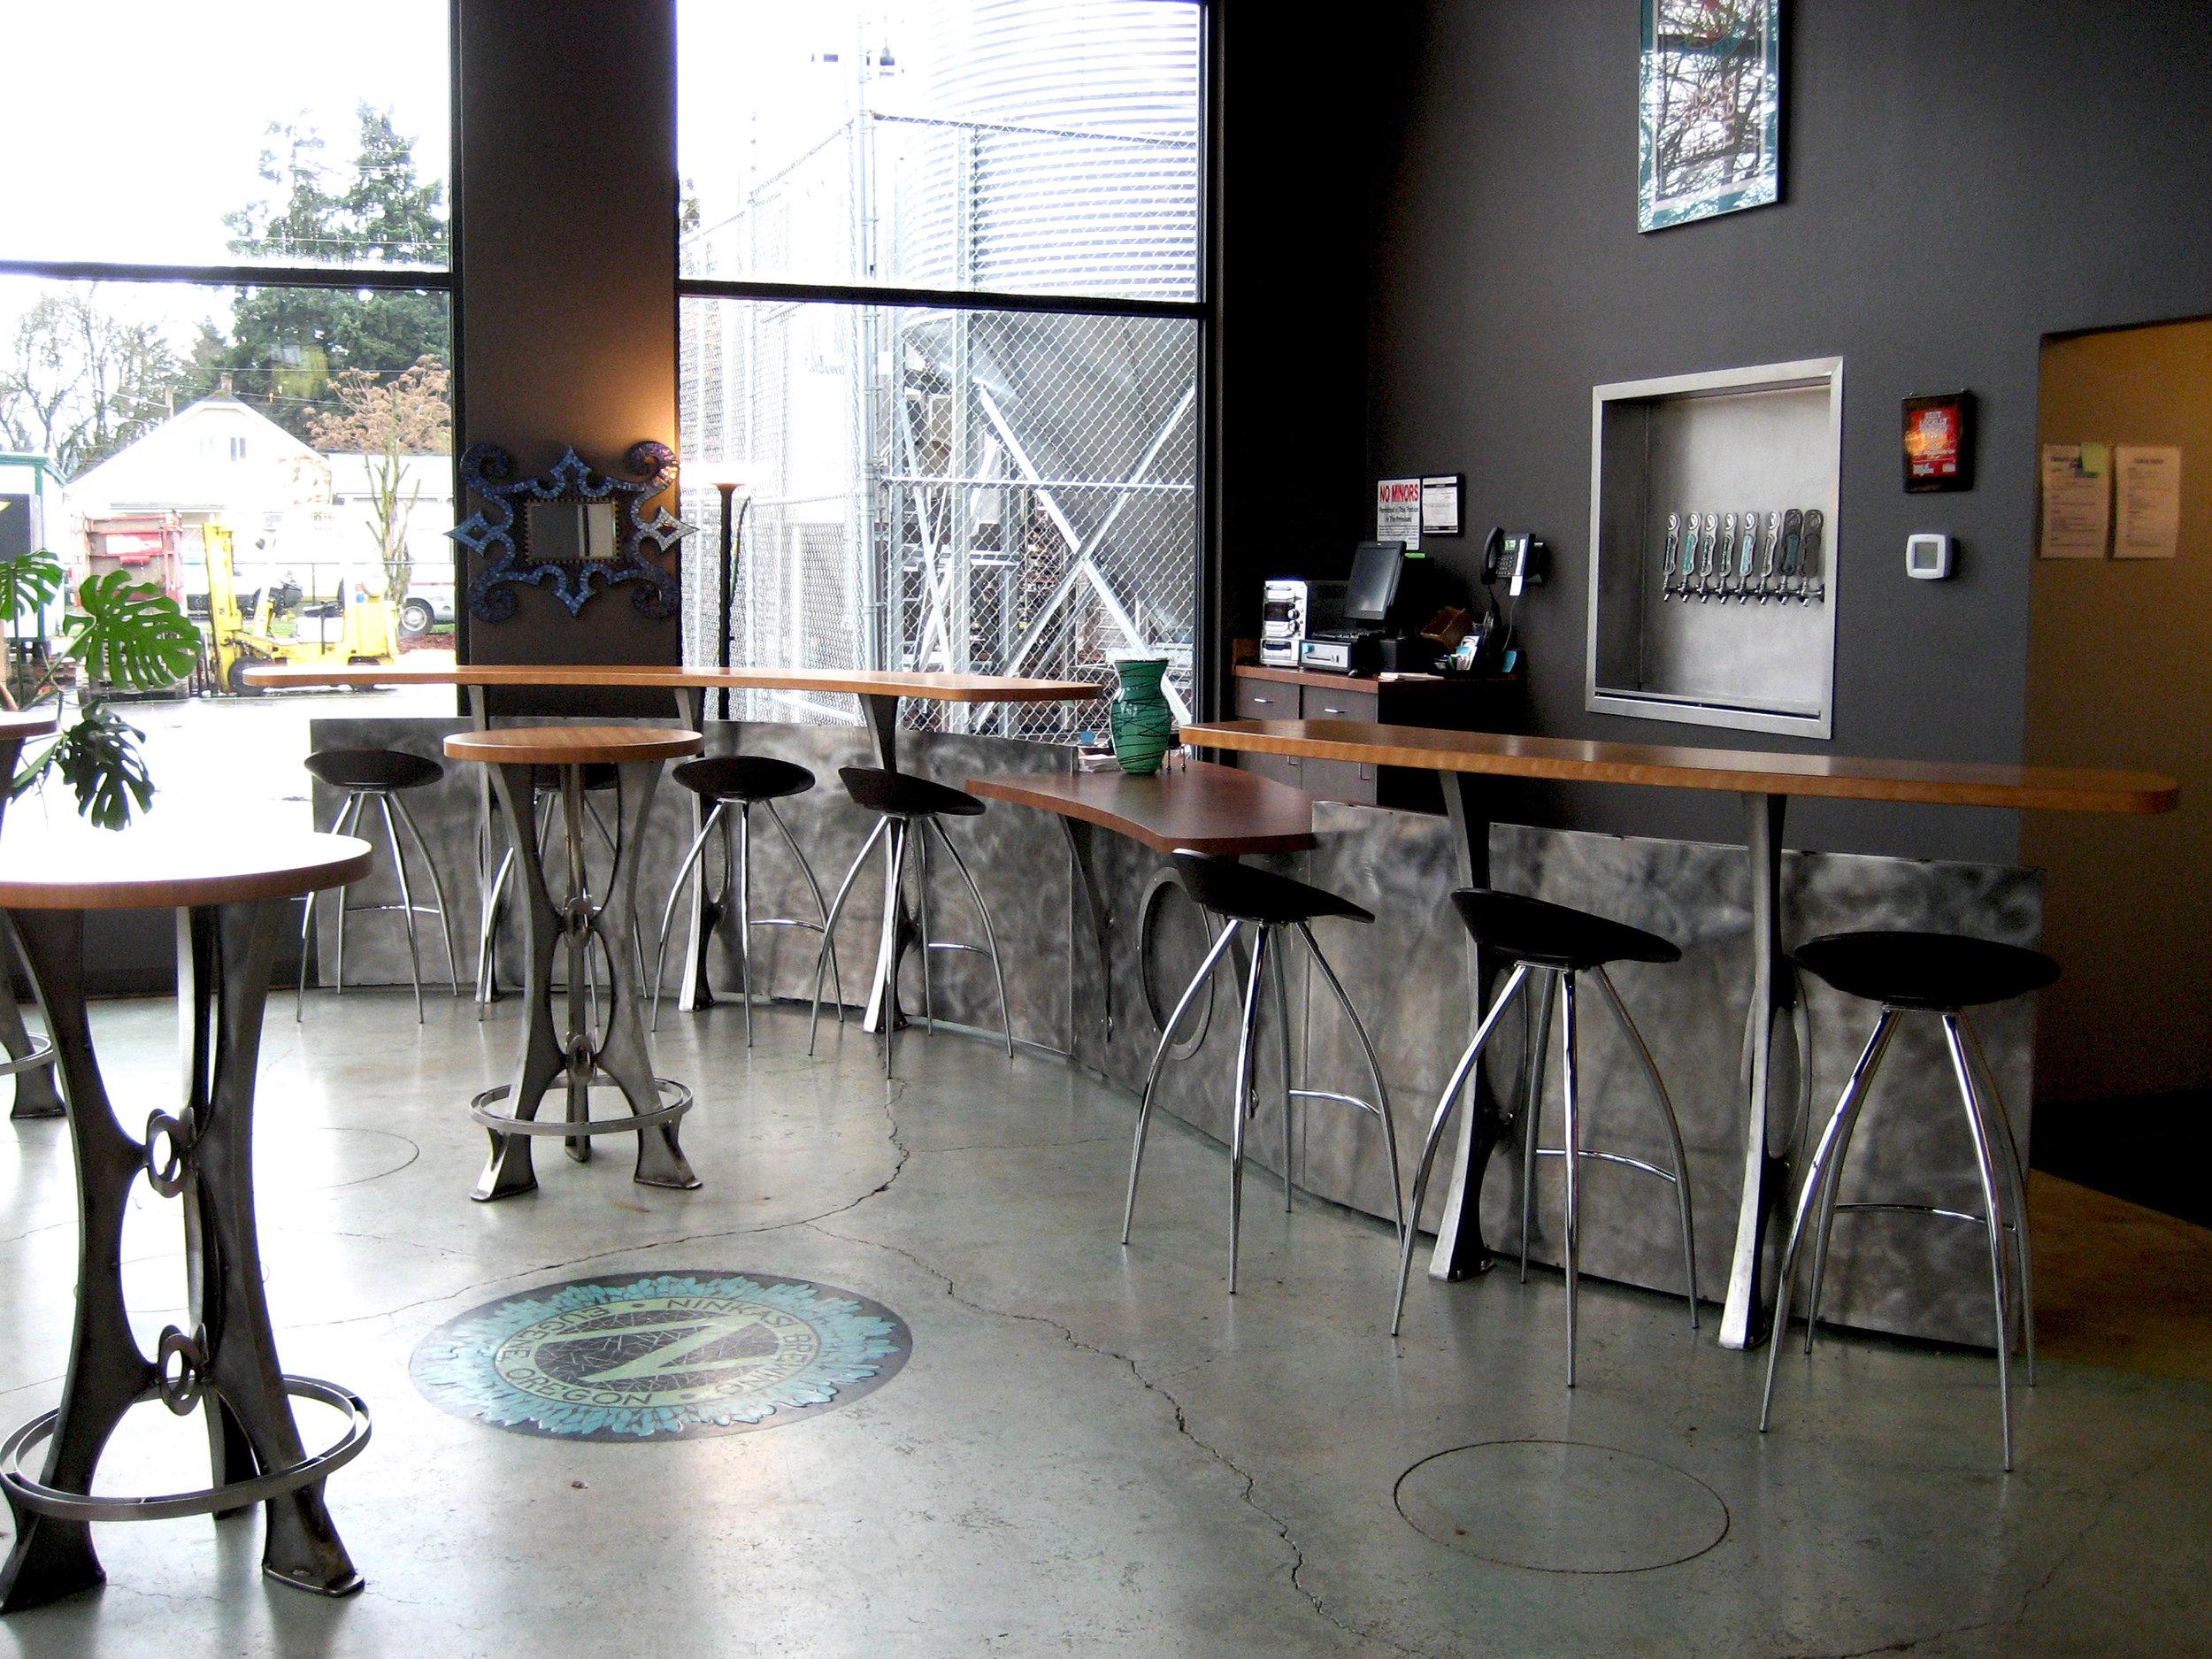 Ninkasi Brewery Tasting Room